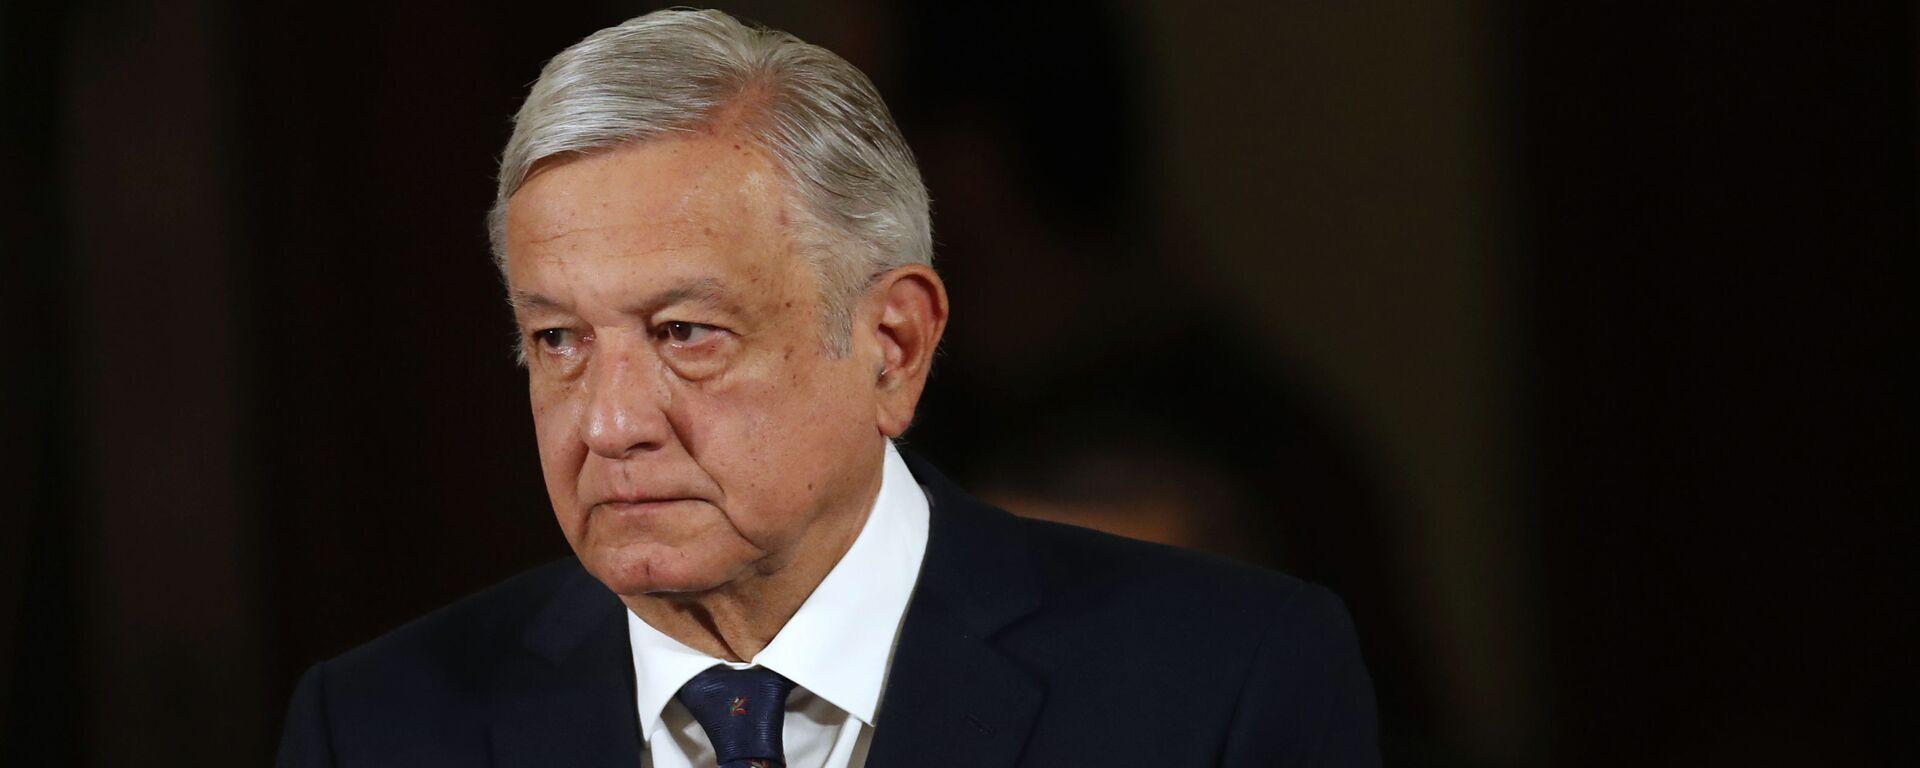 Andrés Manuel López Obrador, presidente de México - Sputnik Mundo, 1920, 18.09.2020